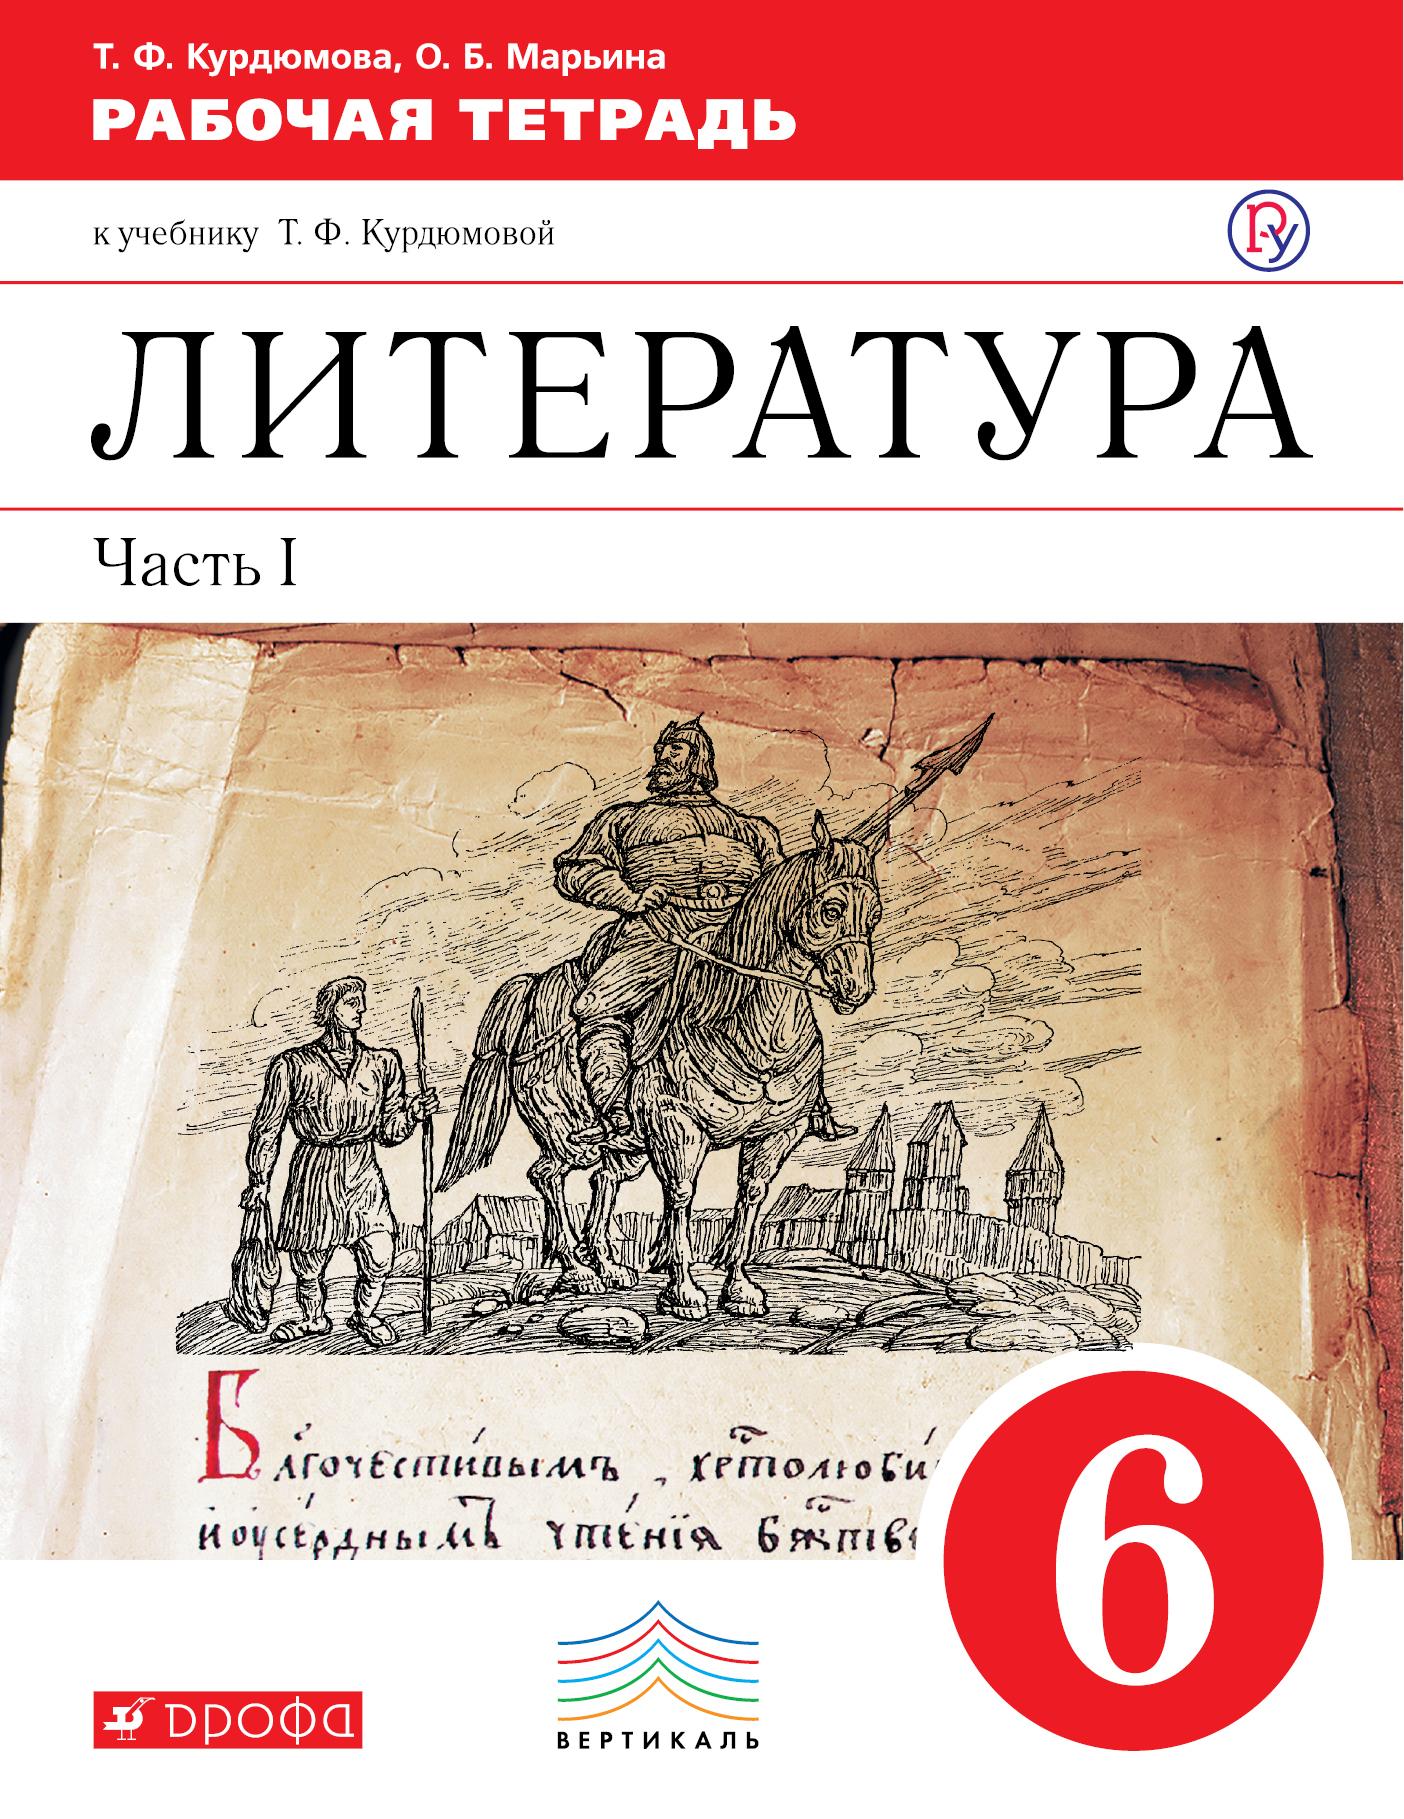 Литература. 6 класс. Рабочая тетрадь. Часть 1 ( Курдюмова Т.Ф.  )